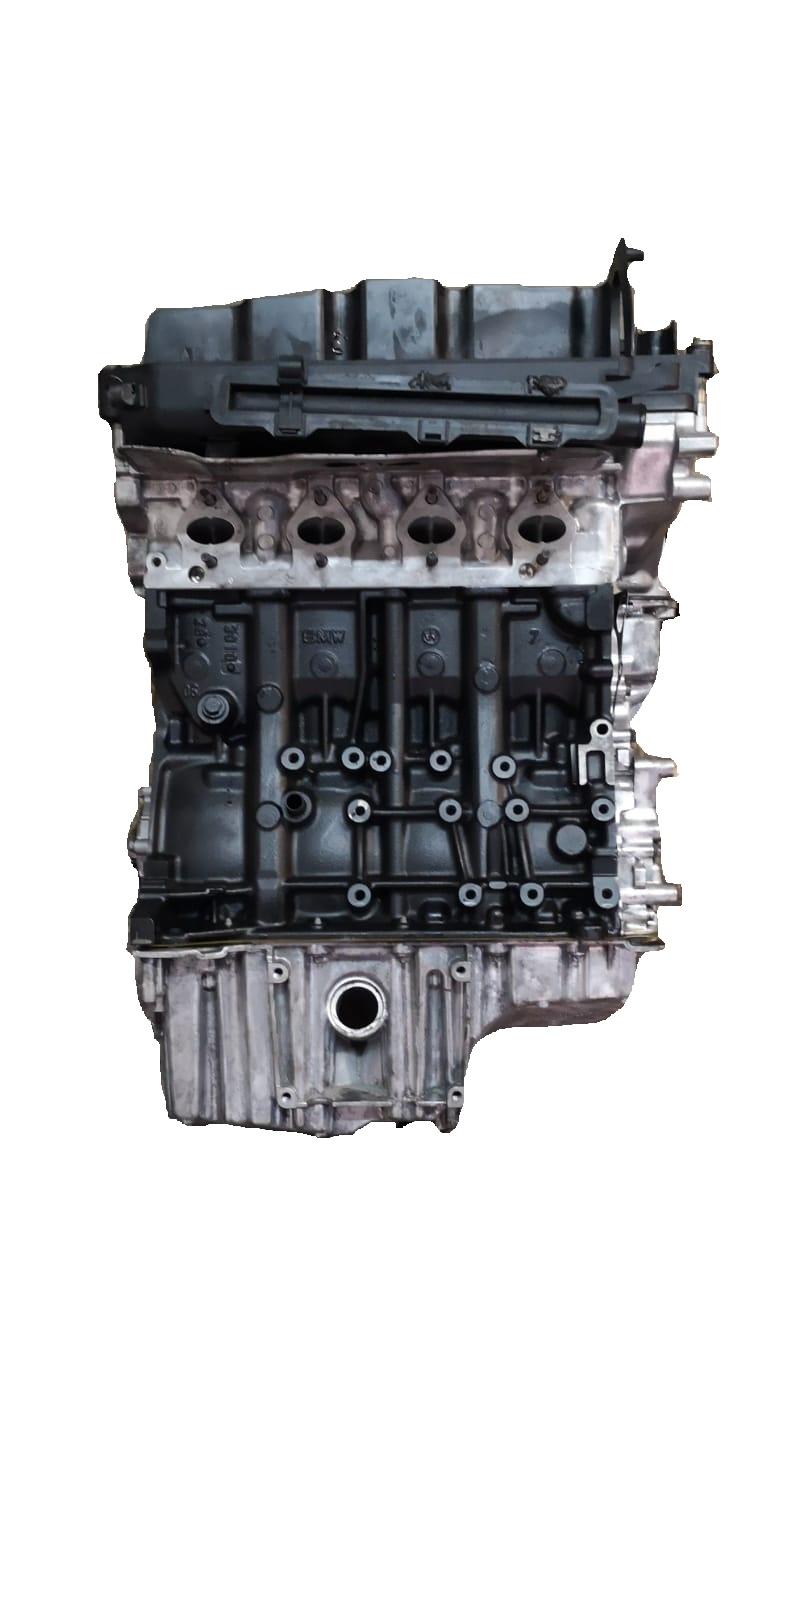 Motor 2006 BMW X3 E83 2,0 d Diesel M47D20 204D4 Kopf geplant Dichtung NEU